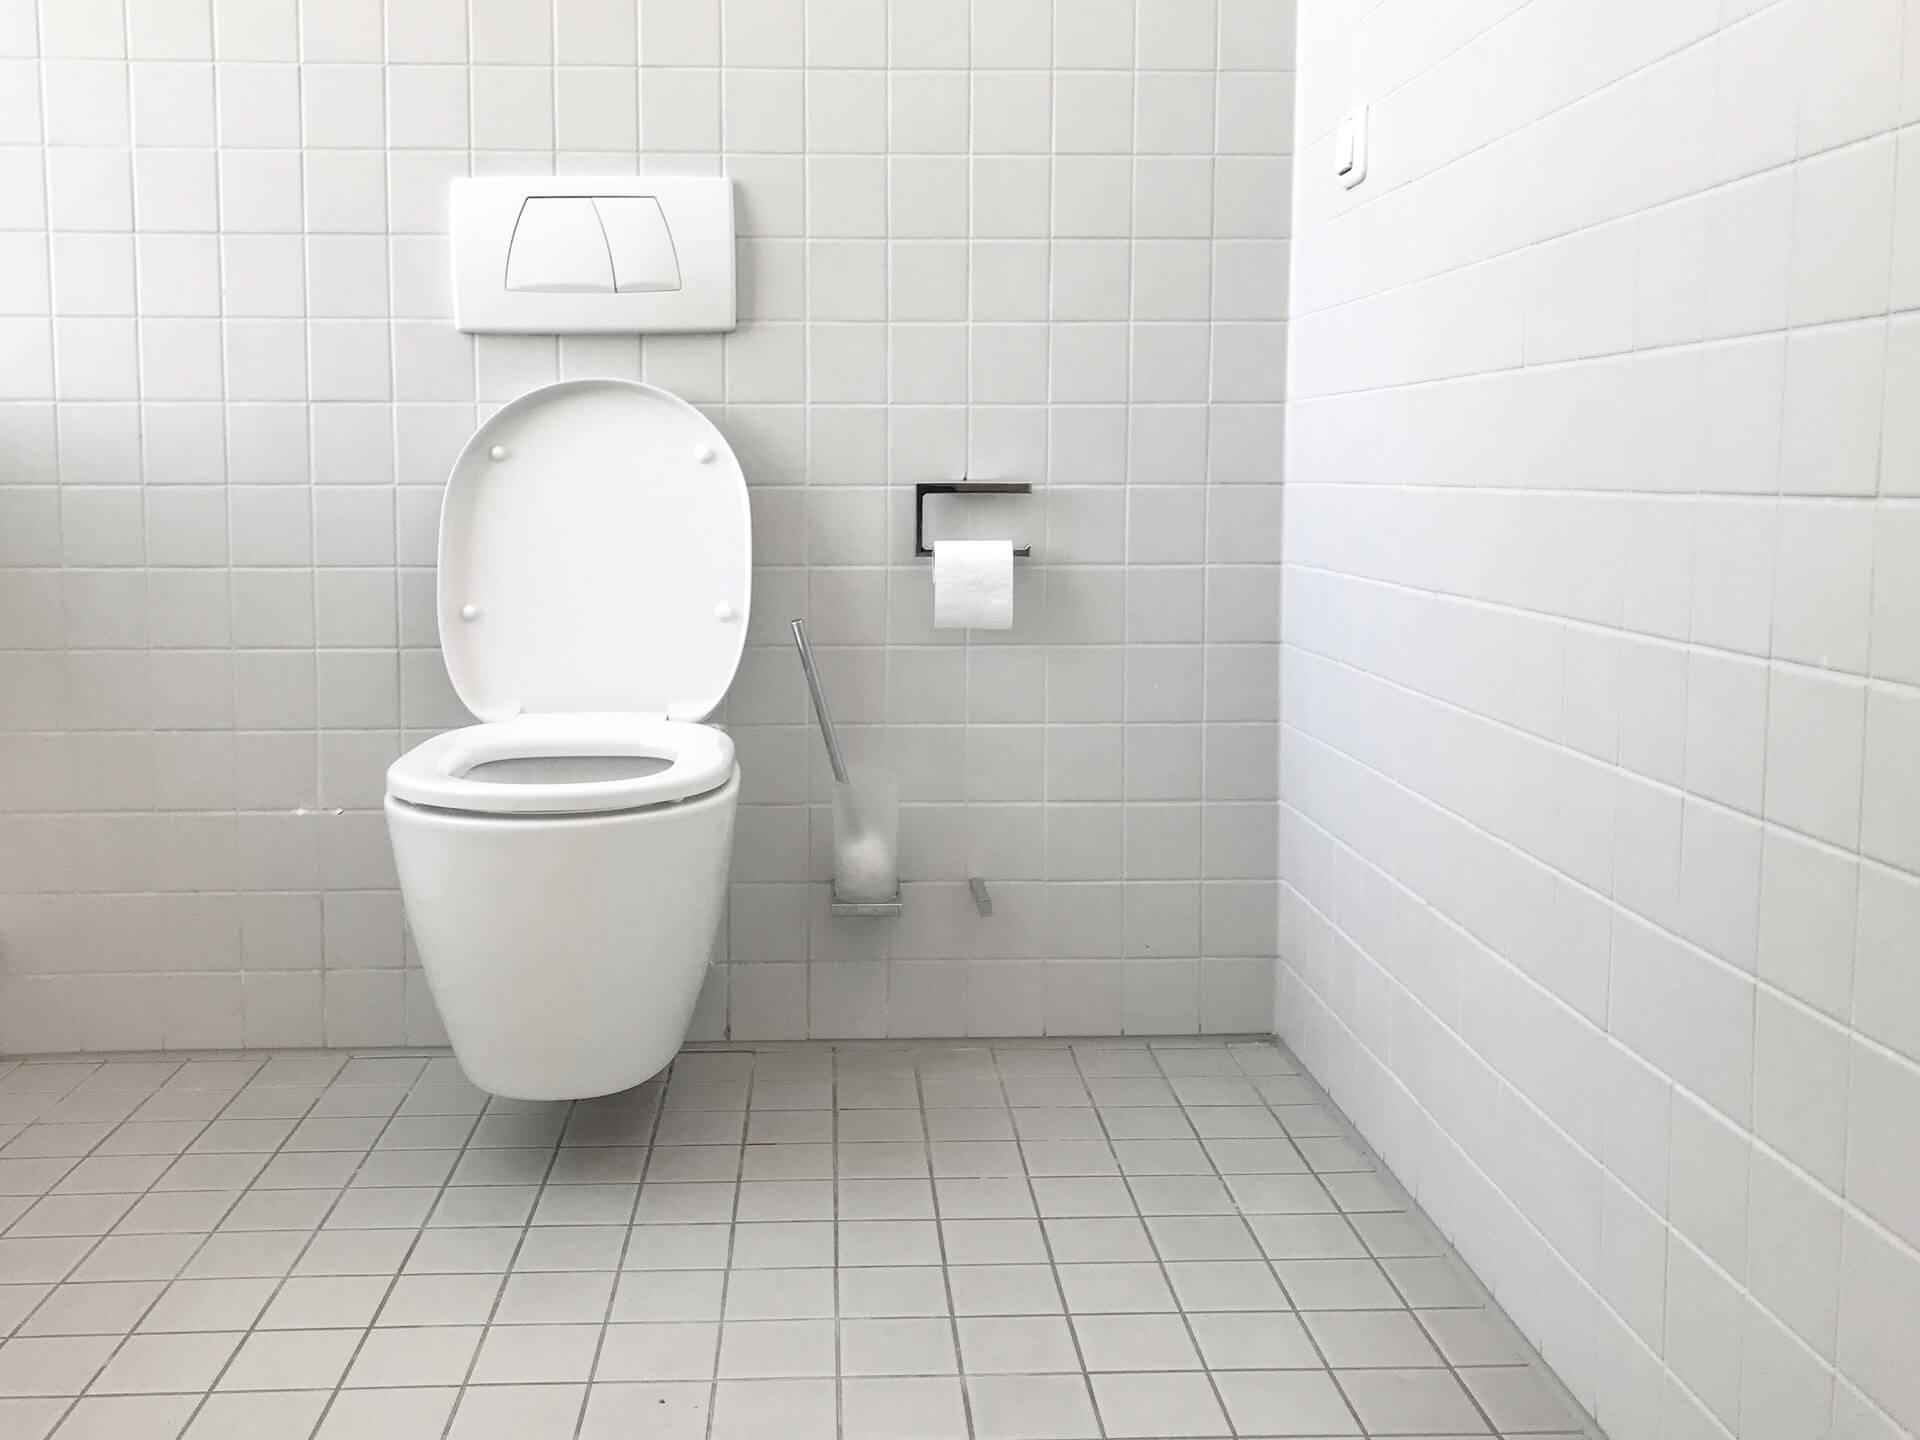 トイレブラシの扱い方とは?収納方法やタイプ別のおすすめ商品を紹介